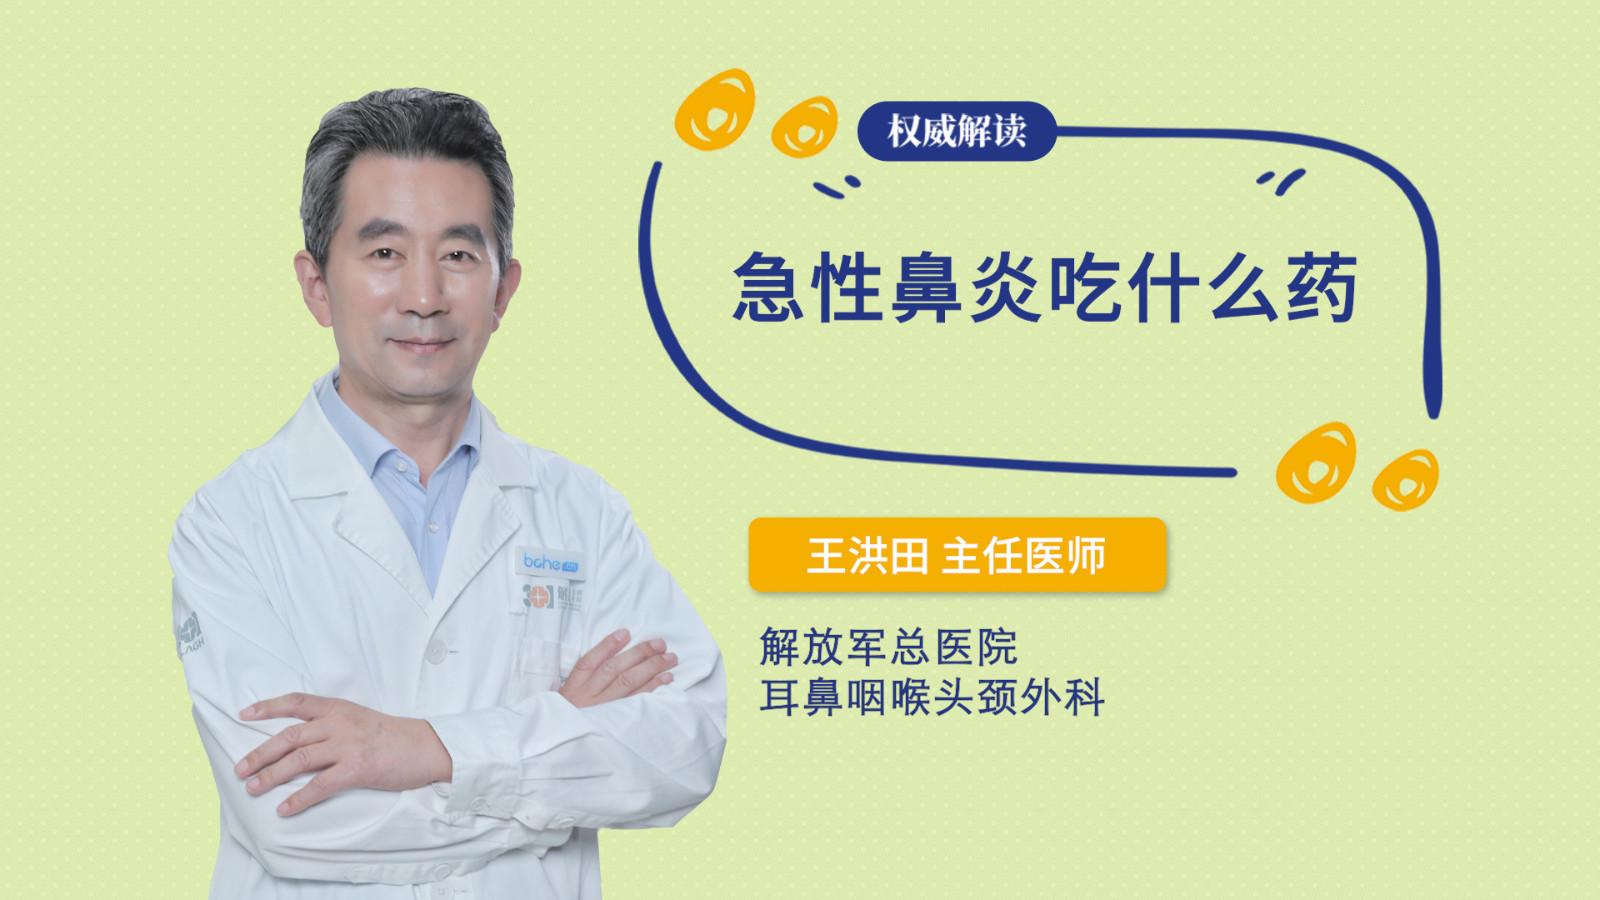 急性鼻炎吃什么药